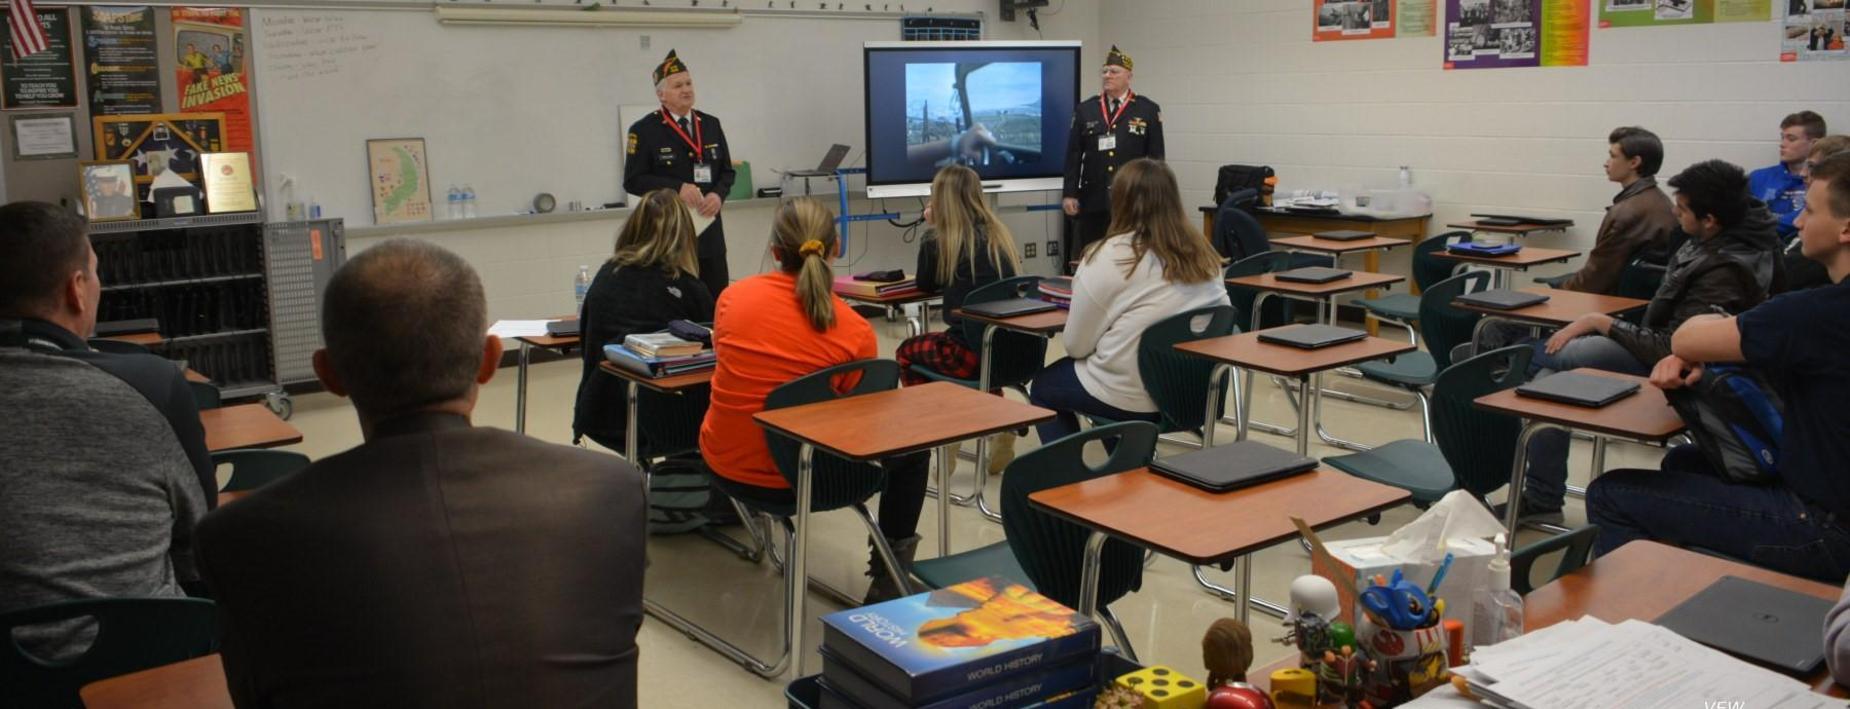 Vietnam Vets speaking to RUSH class